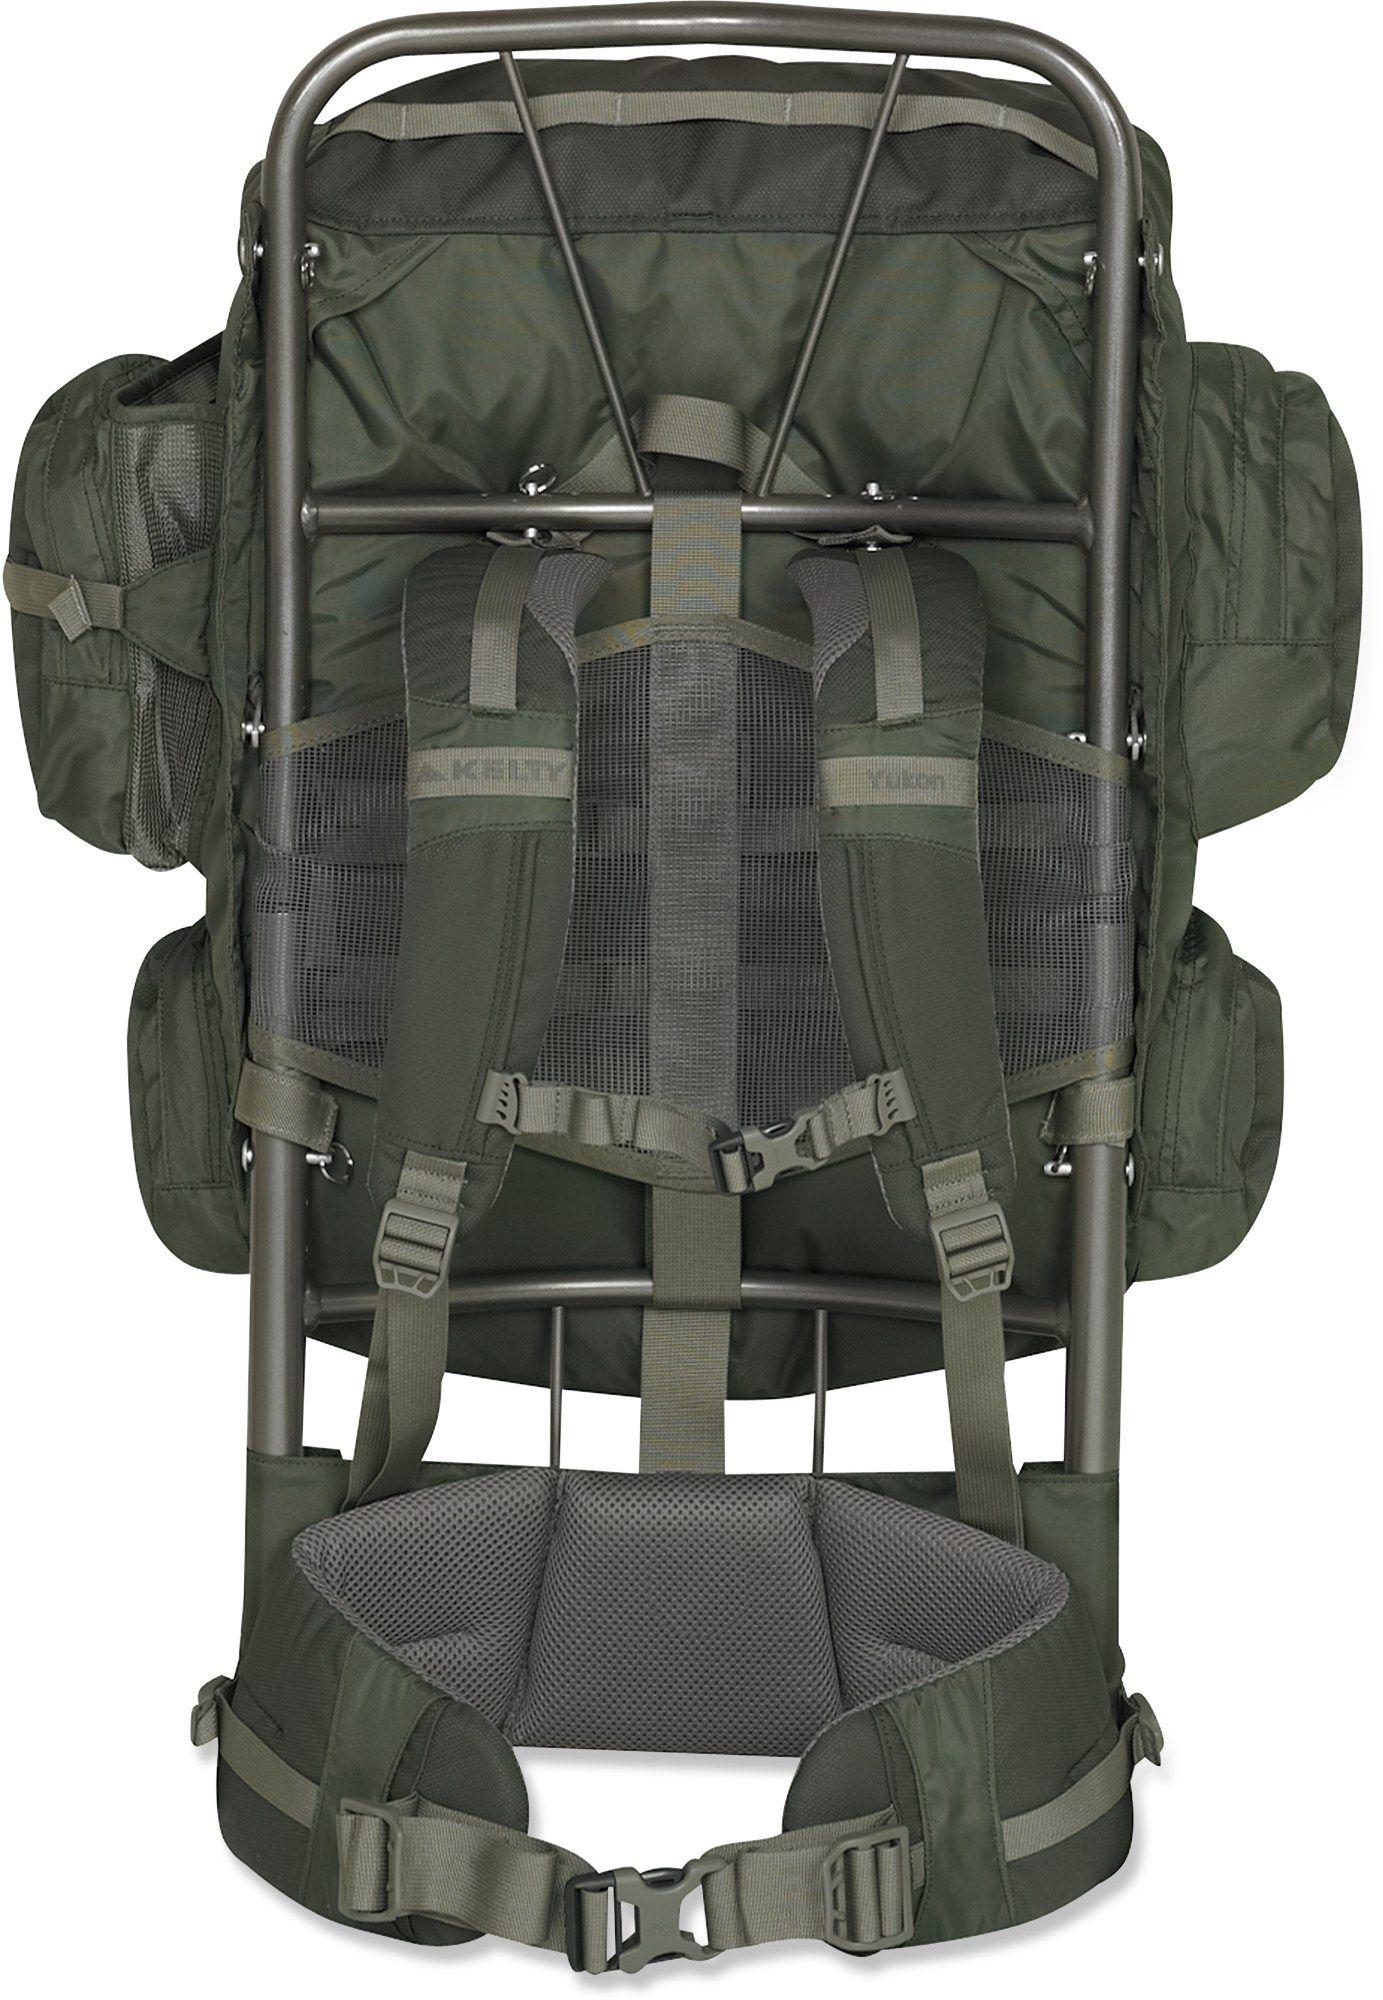 Kelty Yukon 48 External Frame Pack Rei Co Op Bushcraft Backpack External Frame Backpack Camping Items